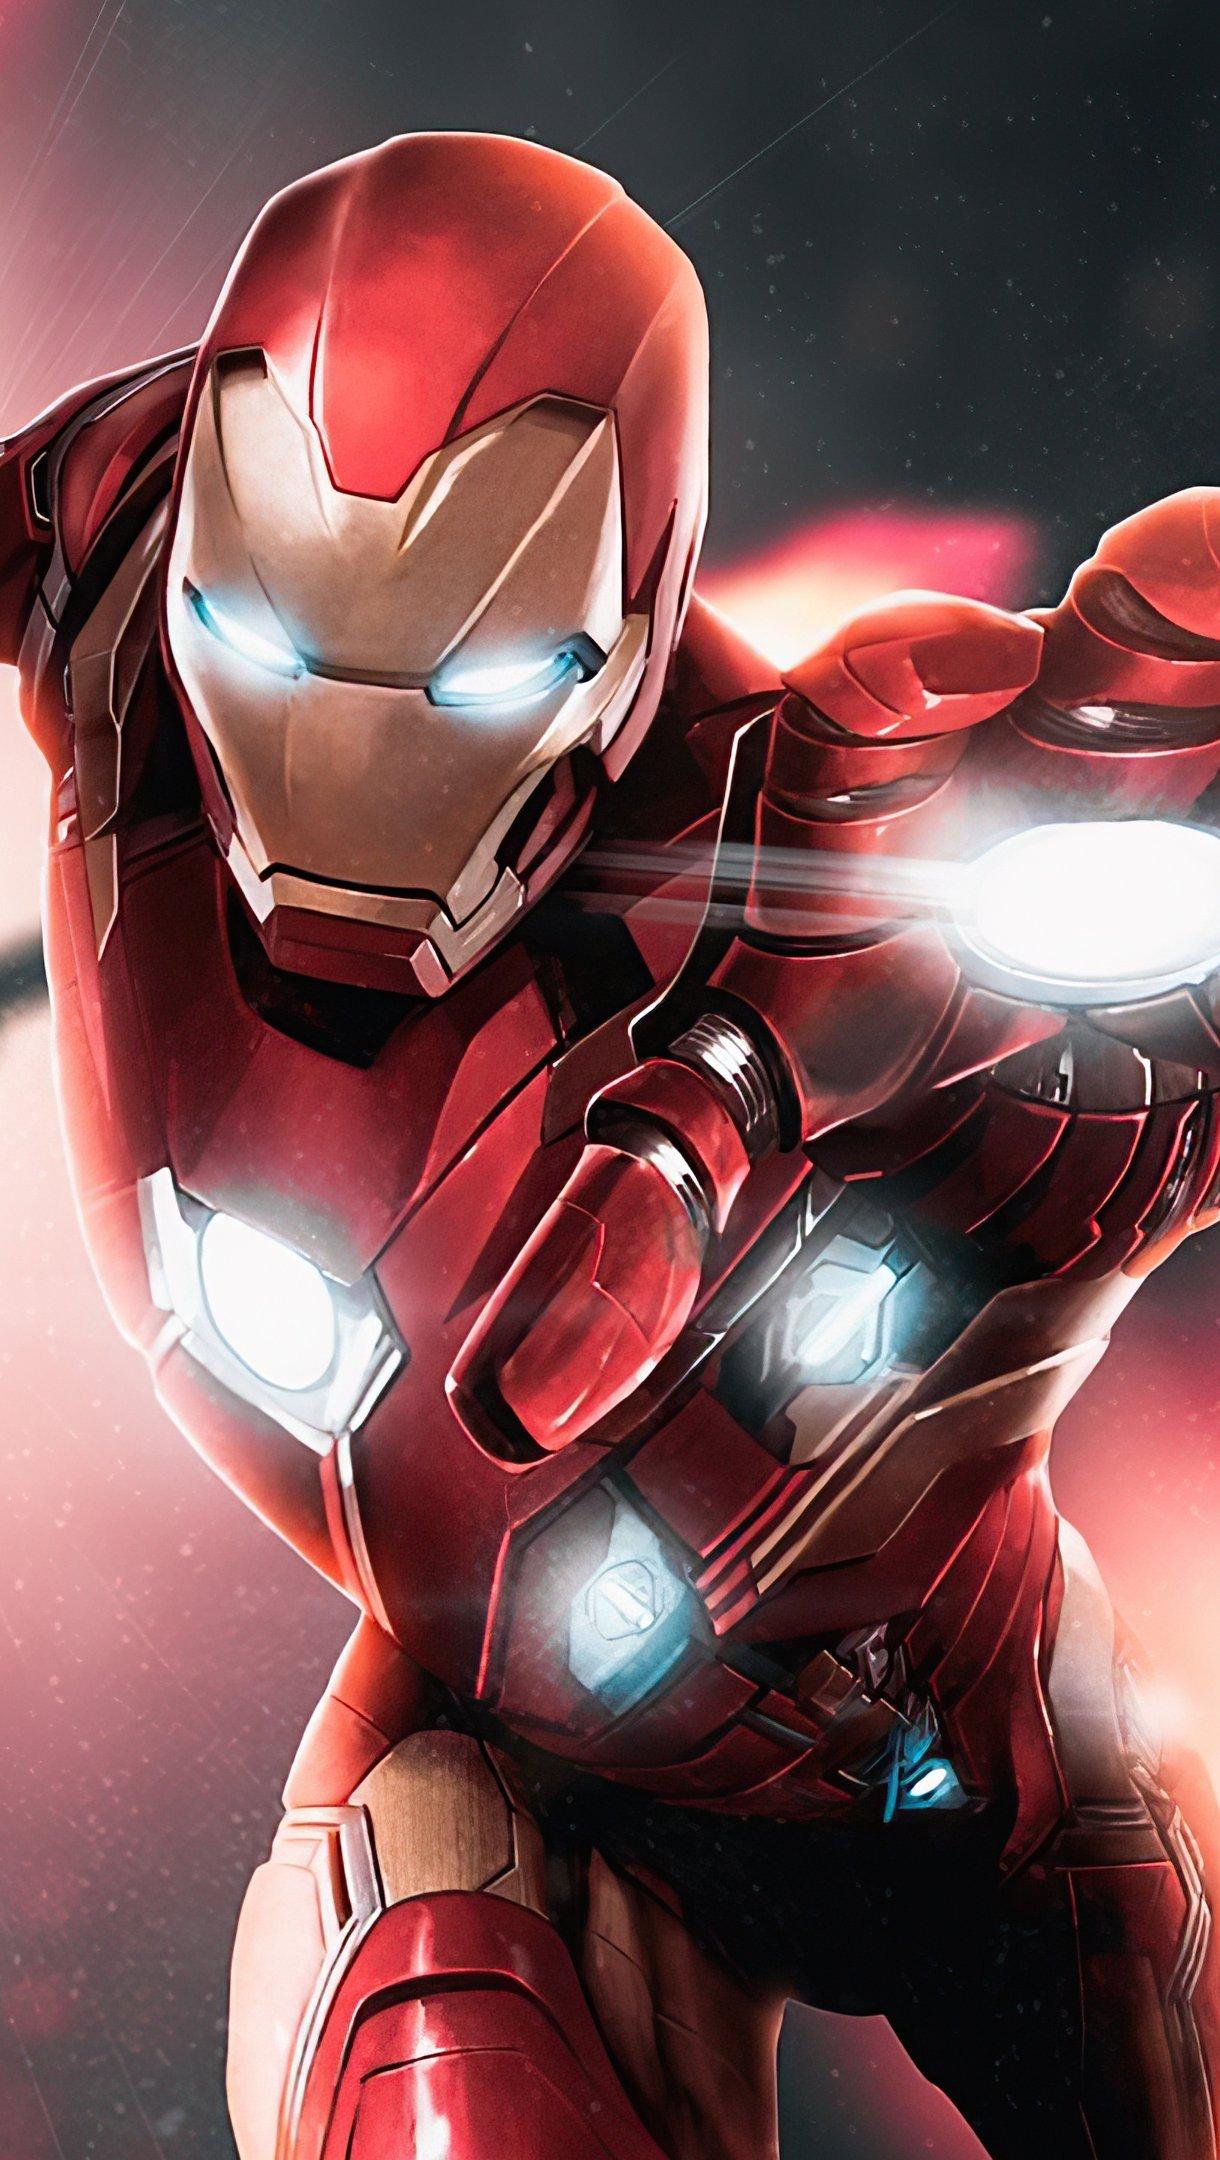 Wallpaper Iron Man 2020 Art Vertical